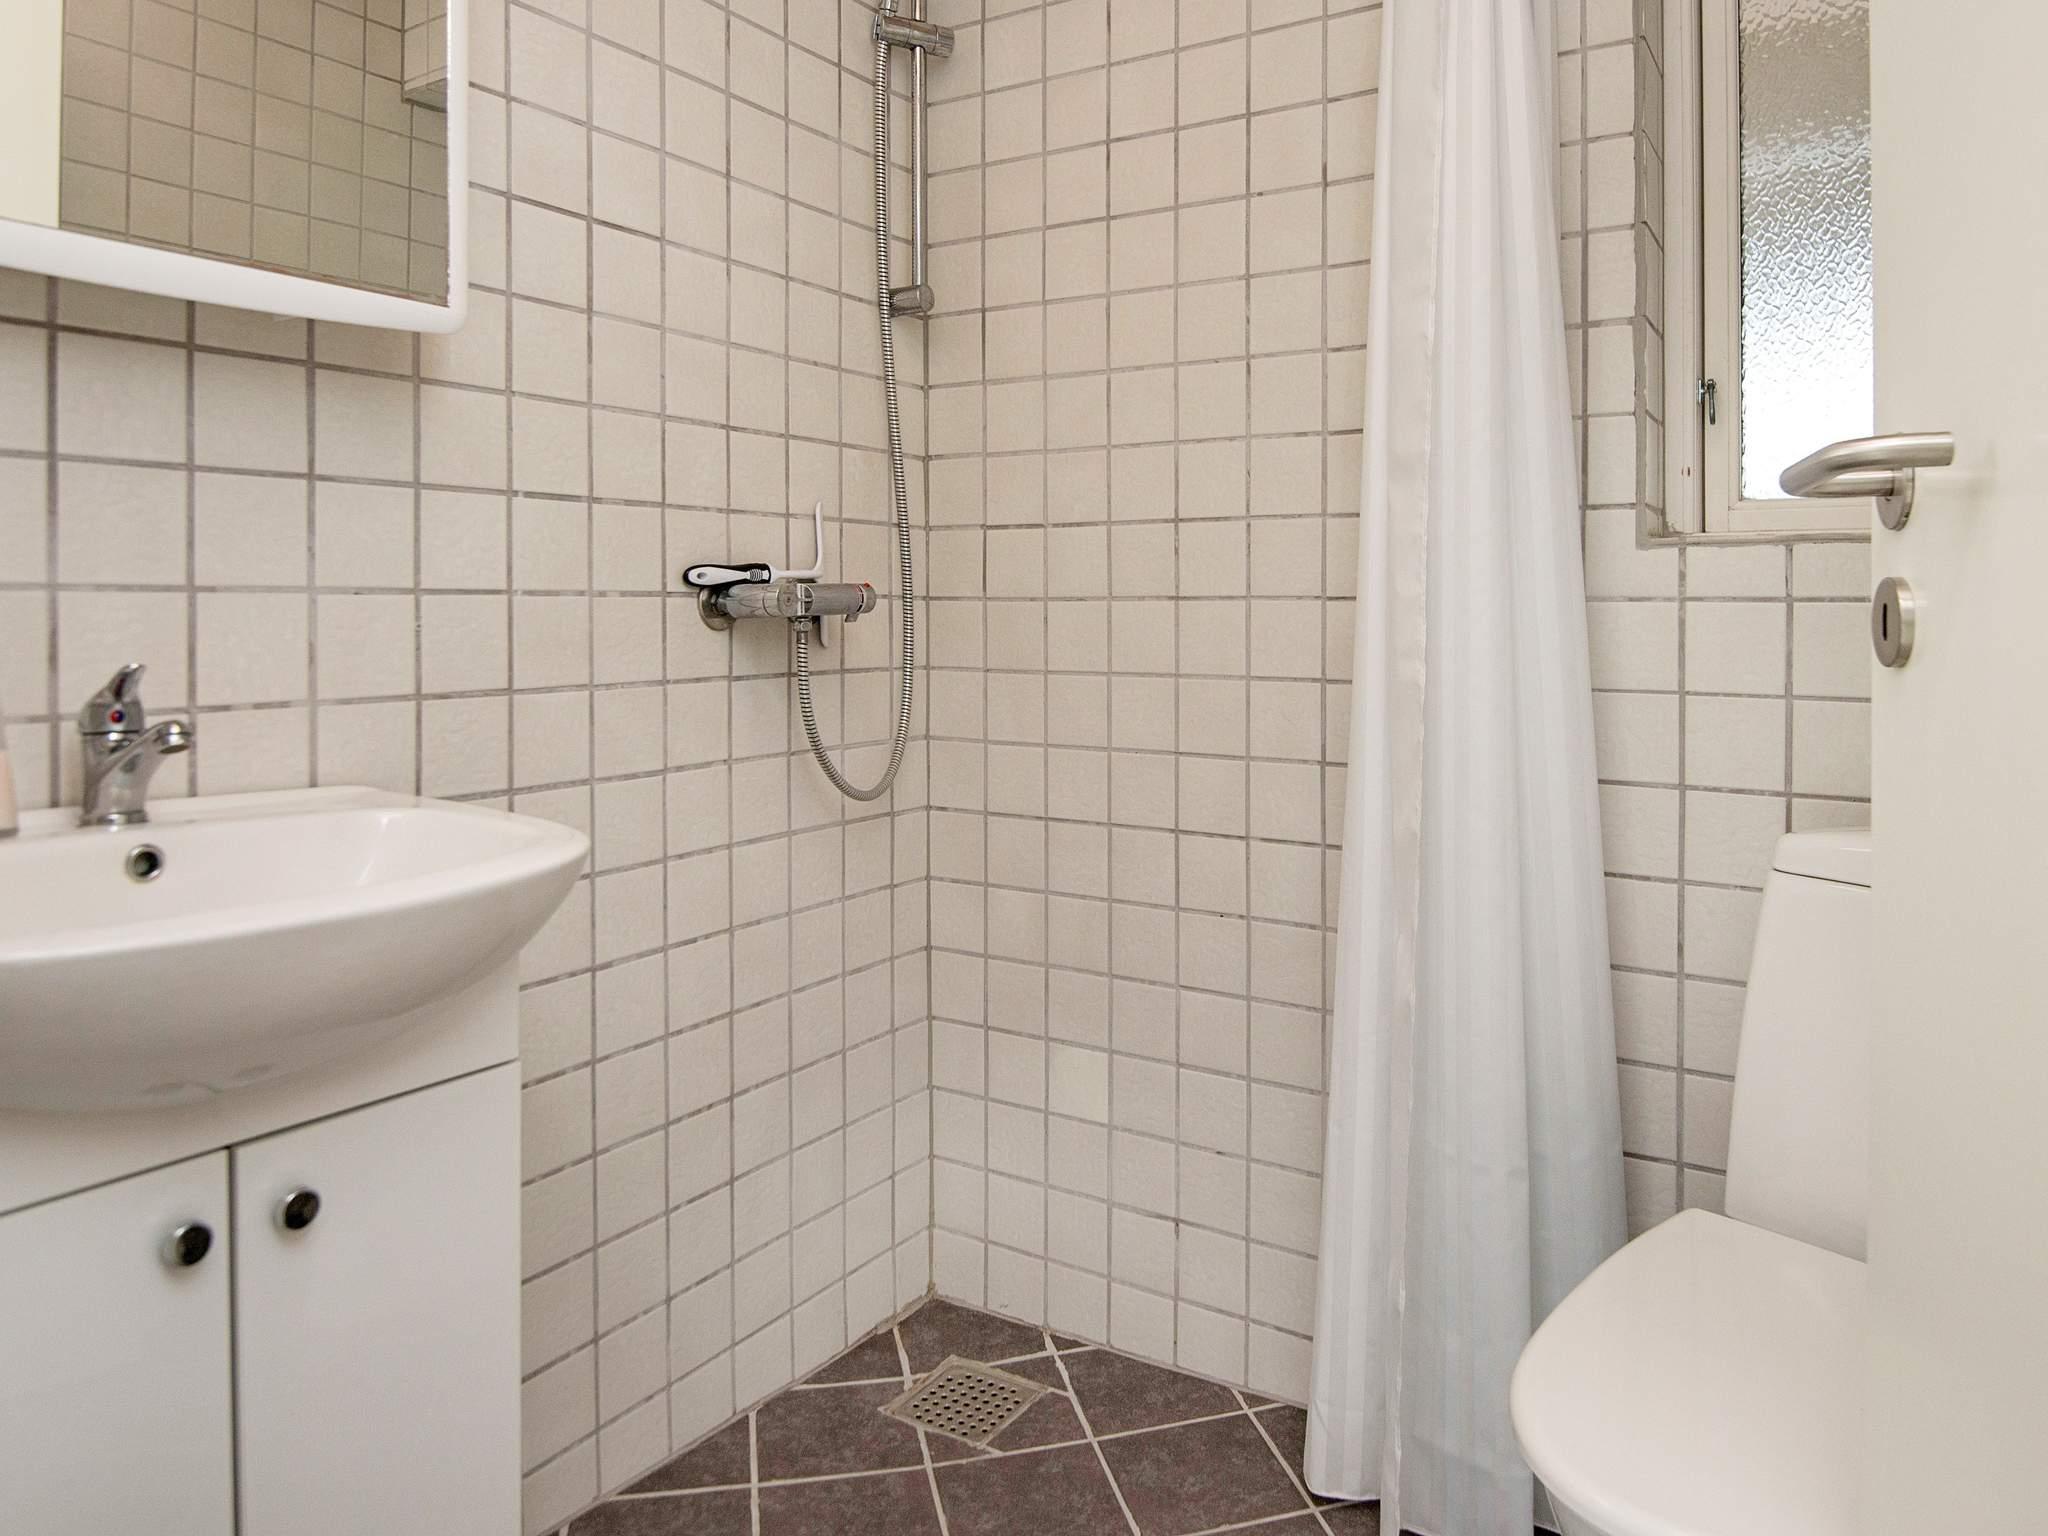 Ferienhaus Ebeltoft (487397), Ebeltoft, , Ostjütland, Dänemark, Bild 12